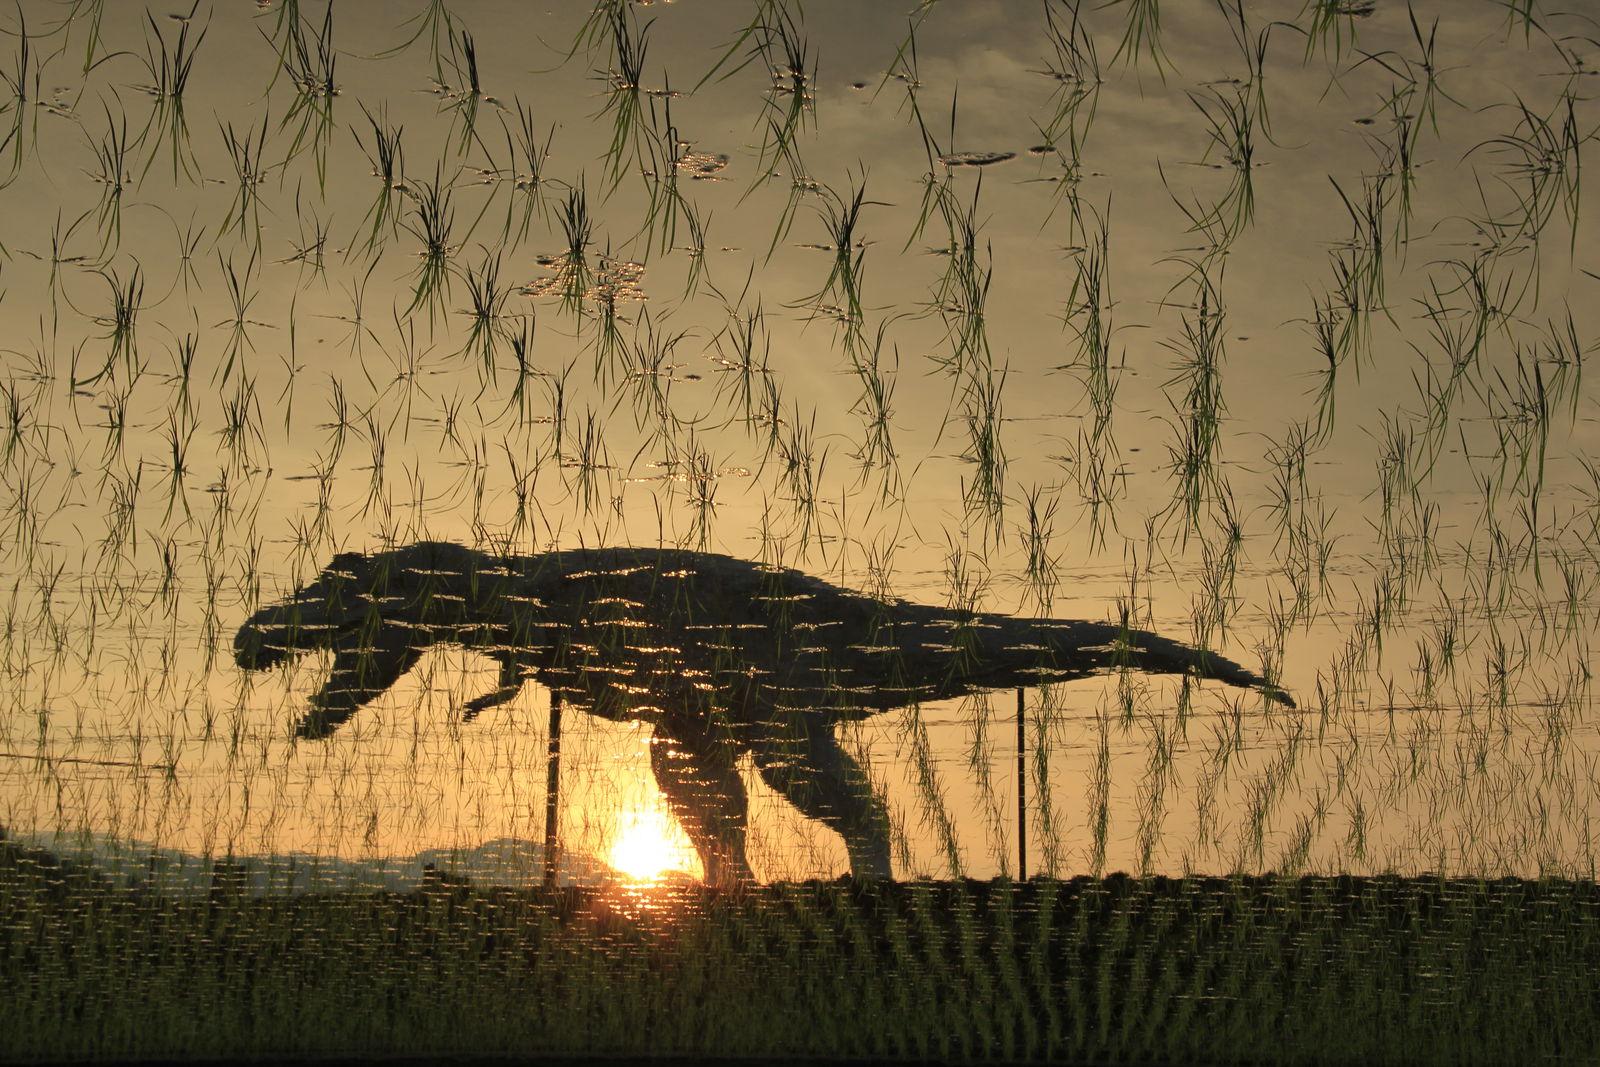 田んぼに映えるホワイトザウルスの影。地元住民ですらはっとするような美しい風景を織りなしてくれます(写真提供: 勝山市)